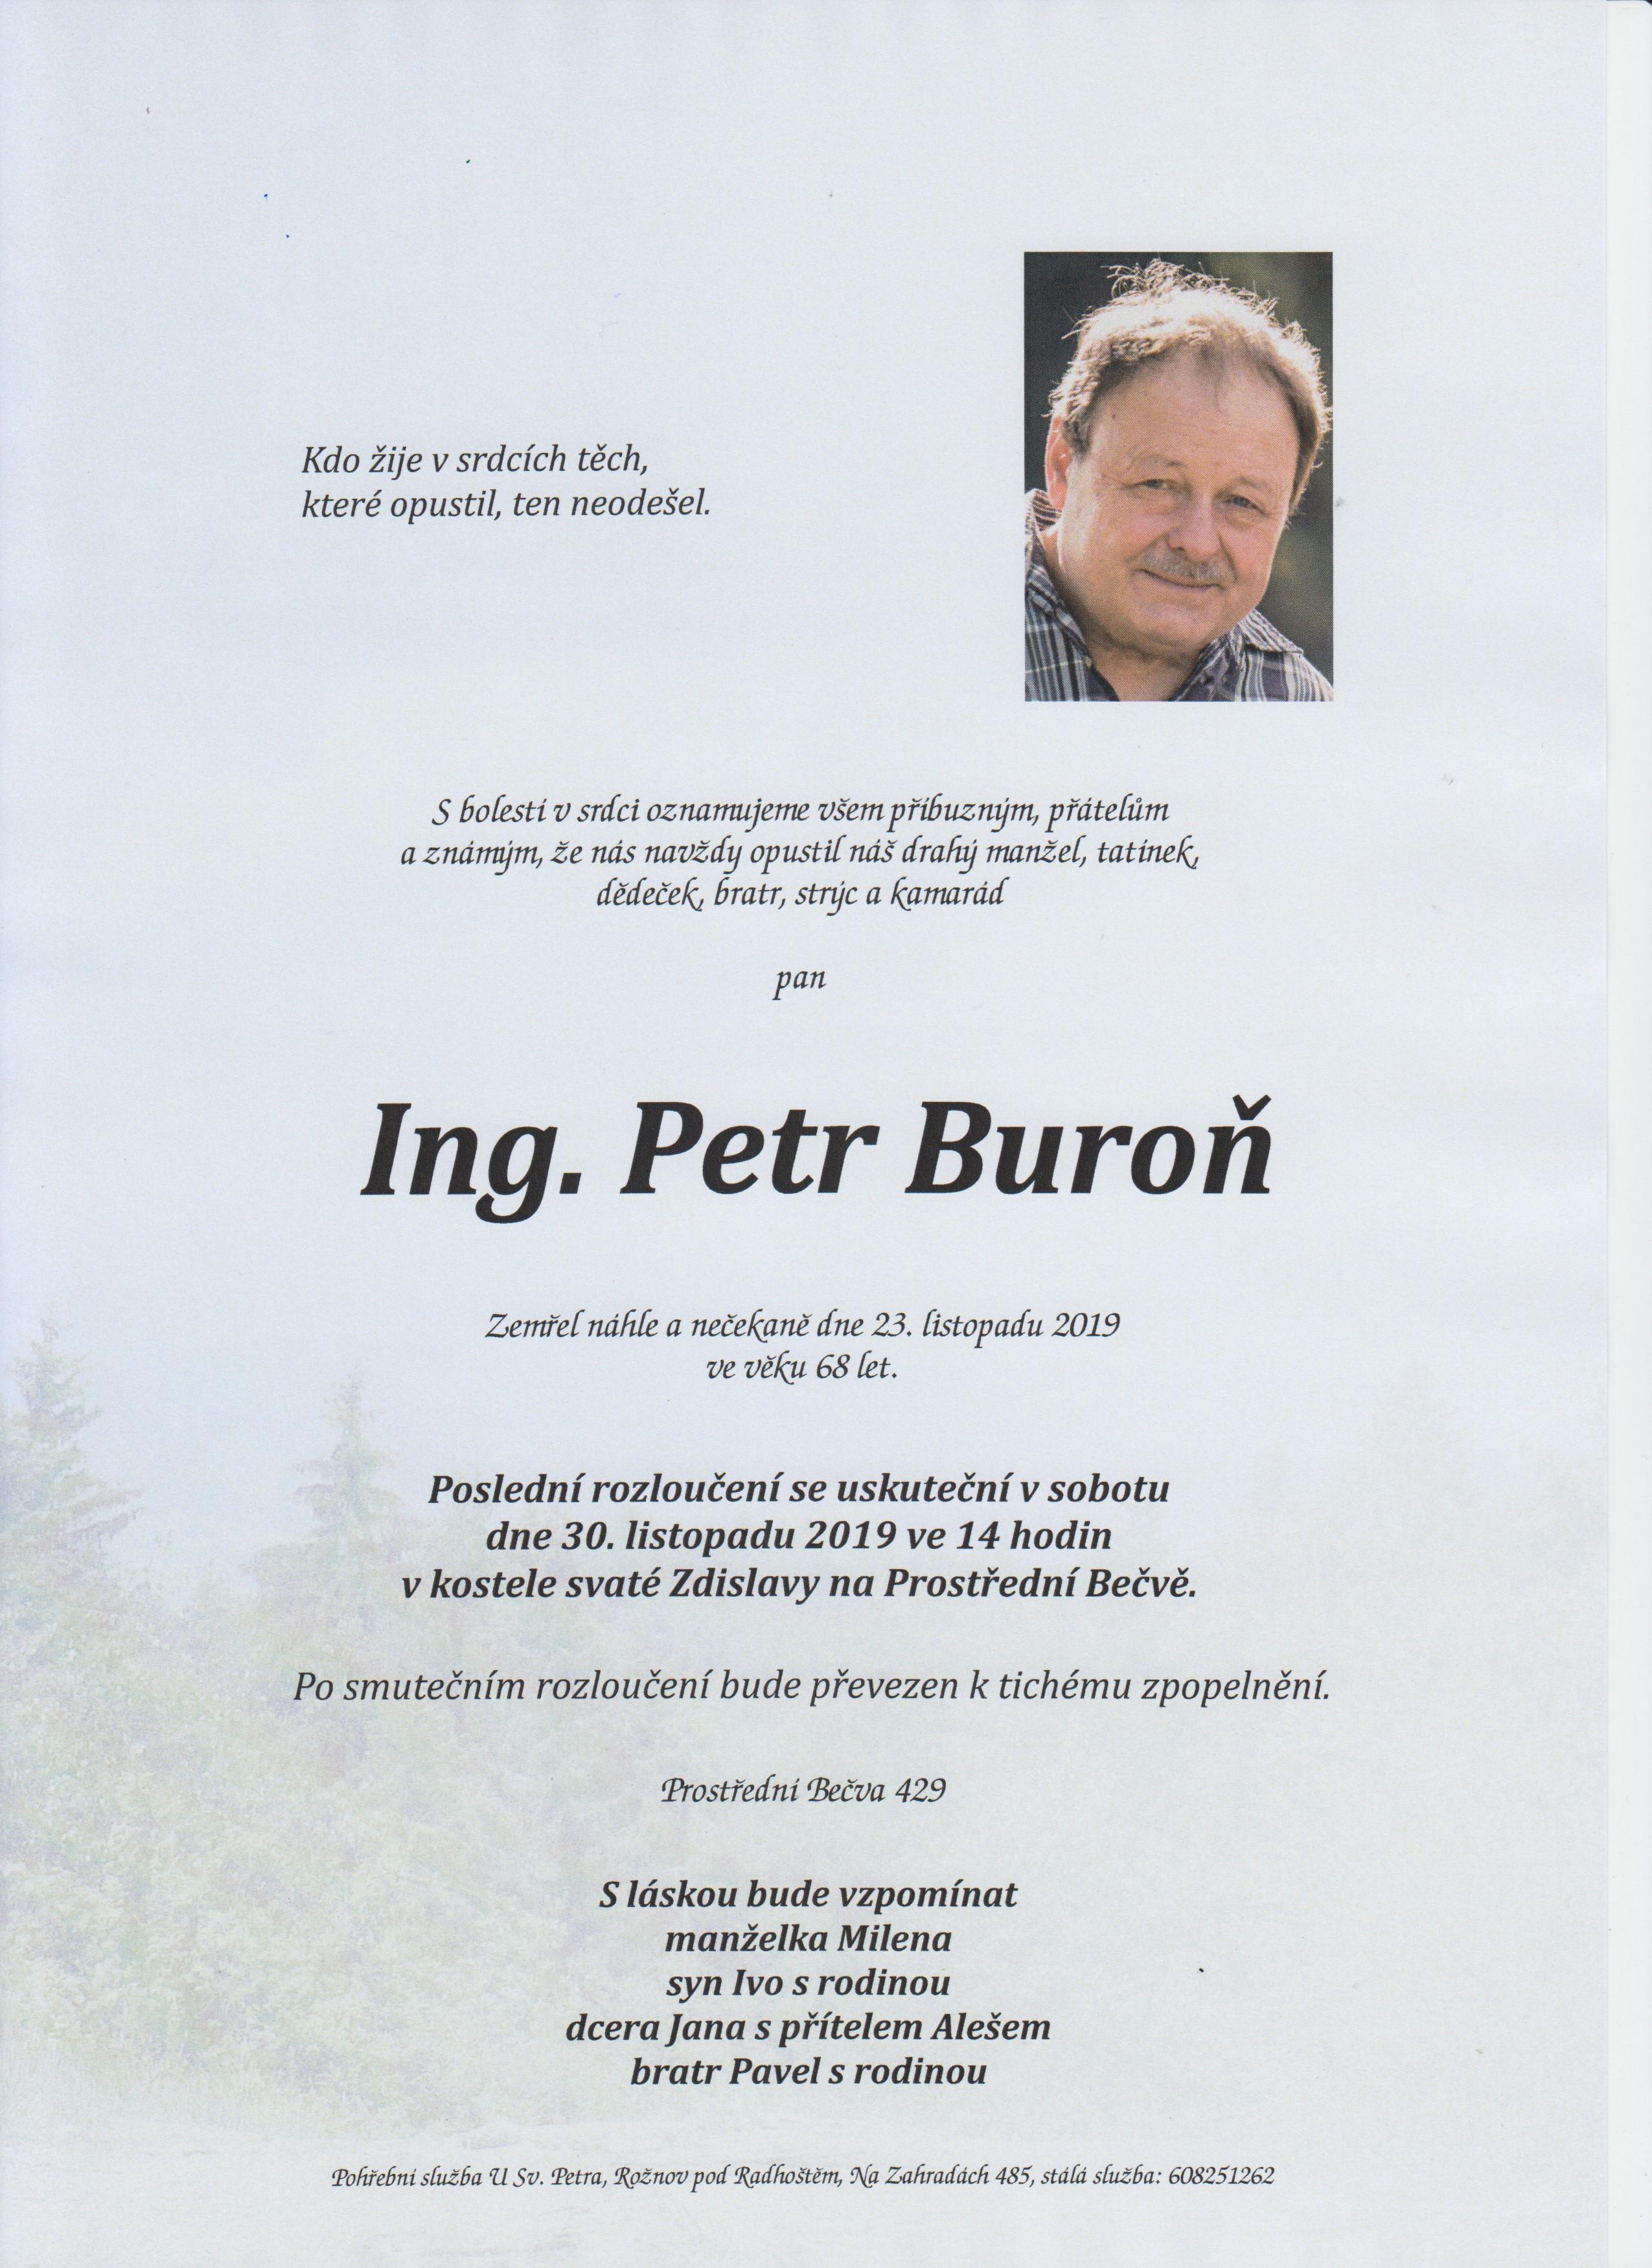 Ing. Petr Buroň